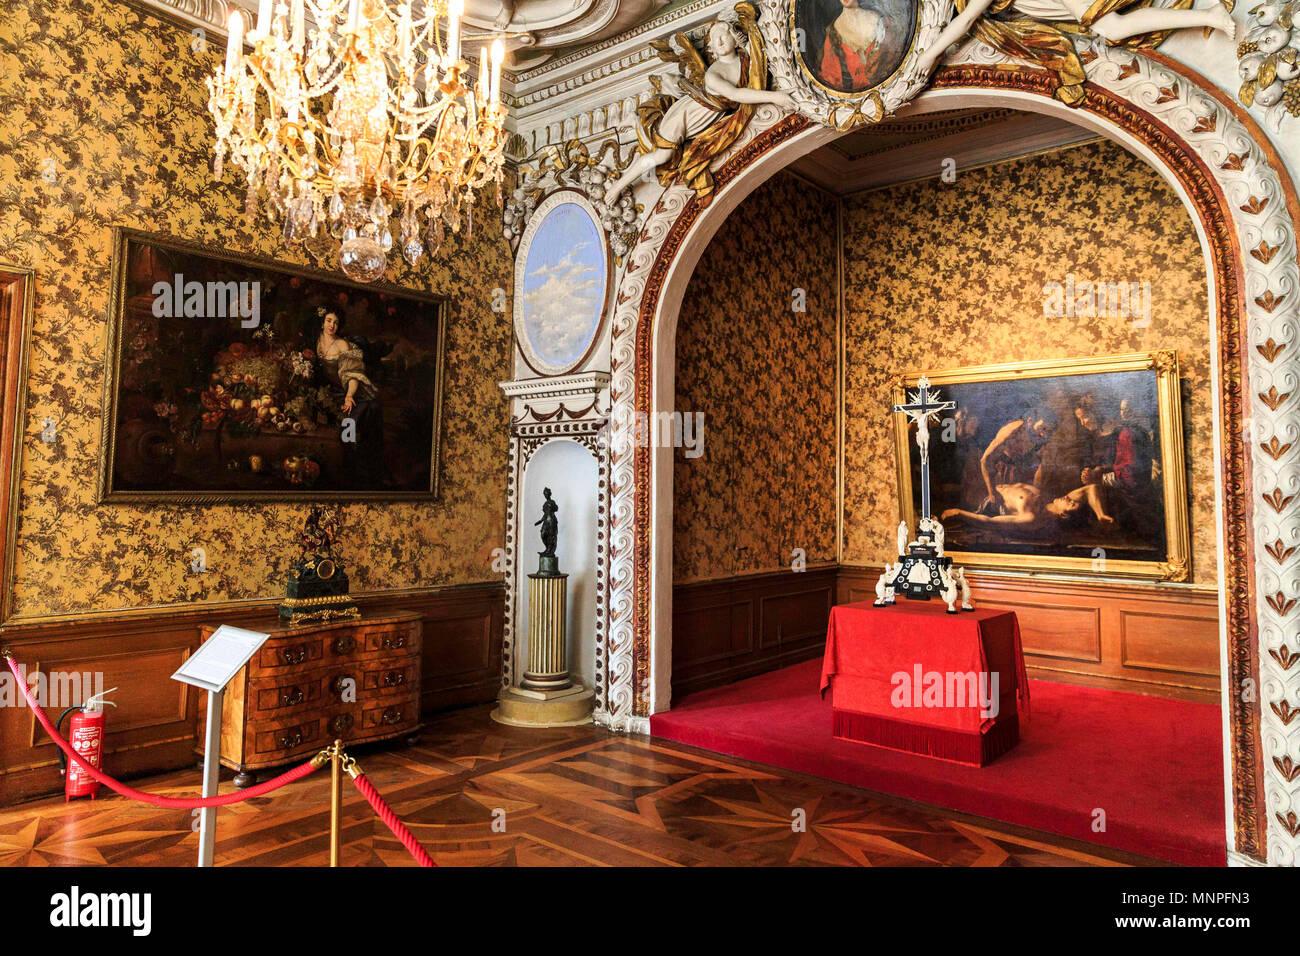 Prezzi Camere Da Letto Gotha costruito nella toletta immagini & costruito nella toletta